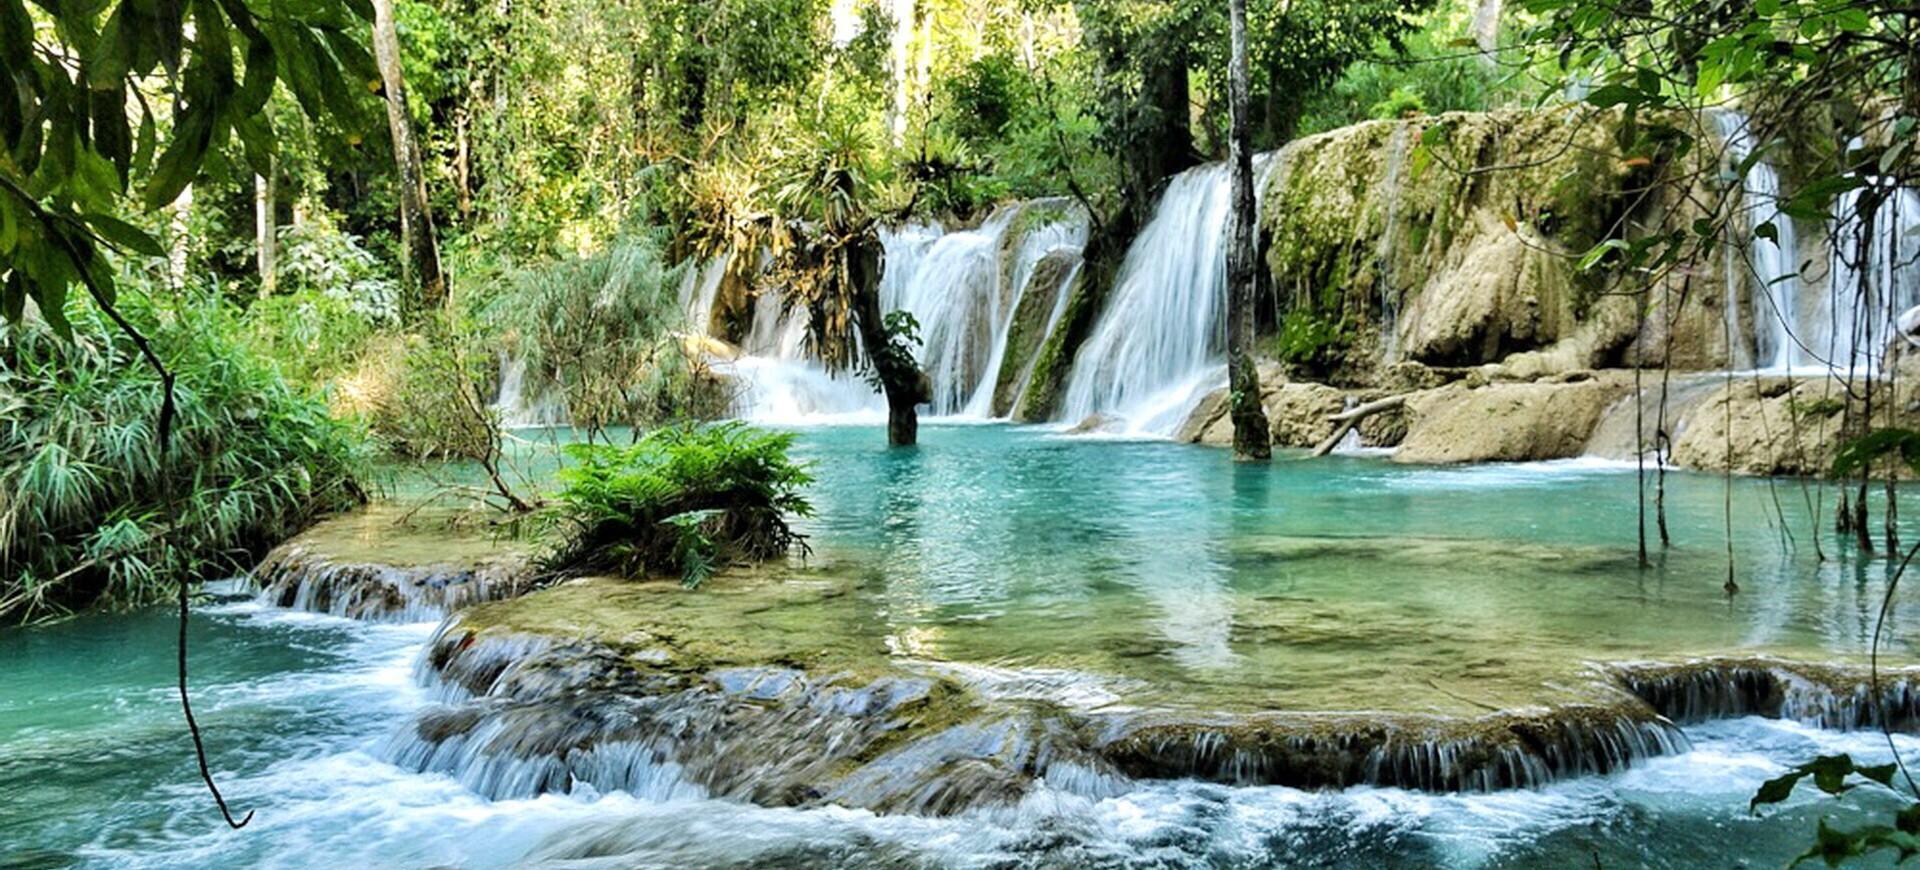 Laos Luangprabang Cascades Tad Sae 004